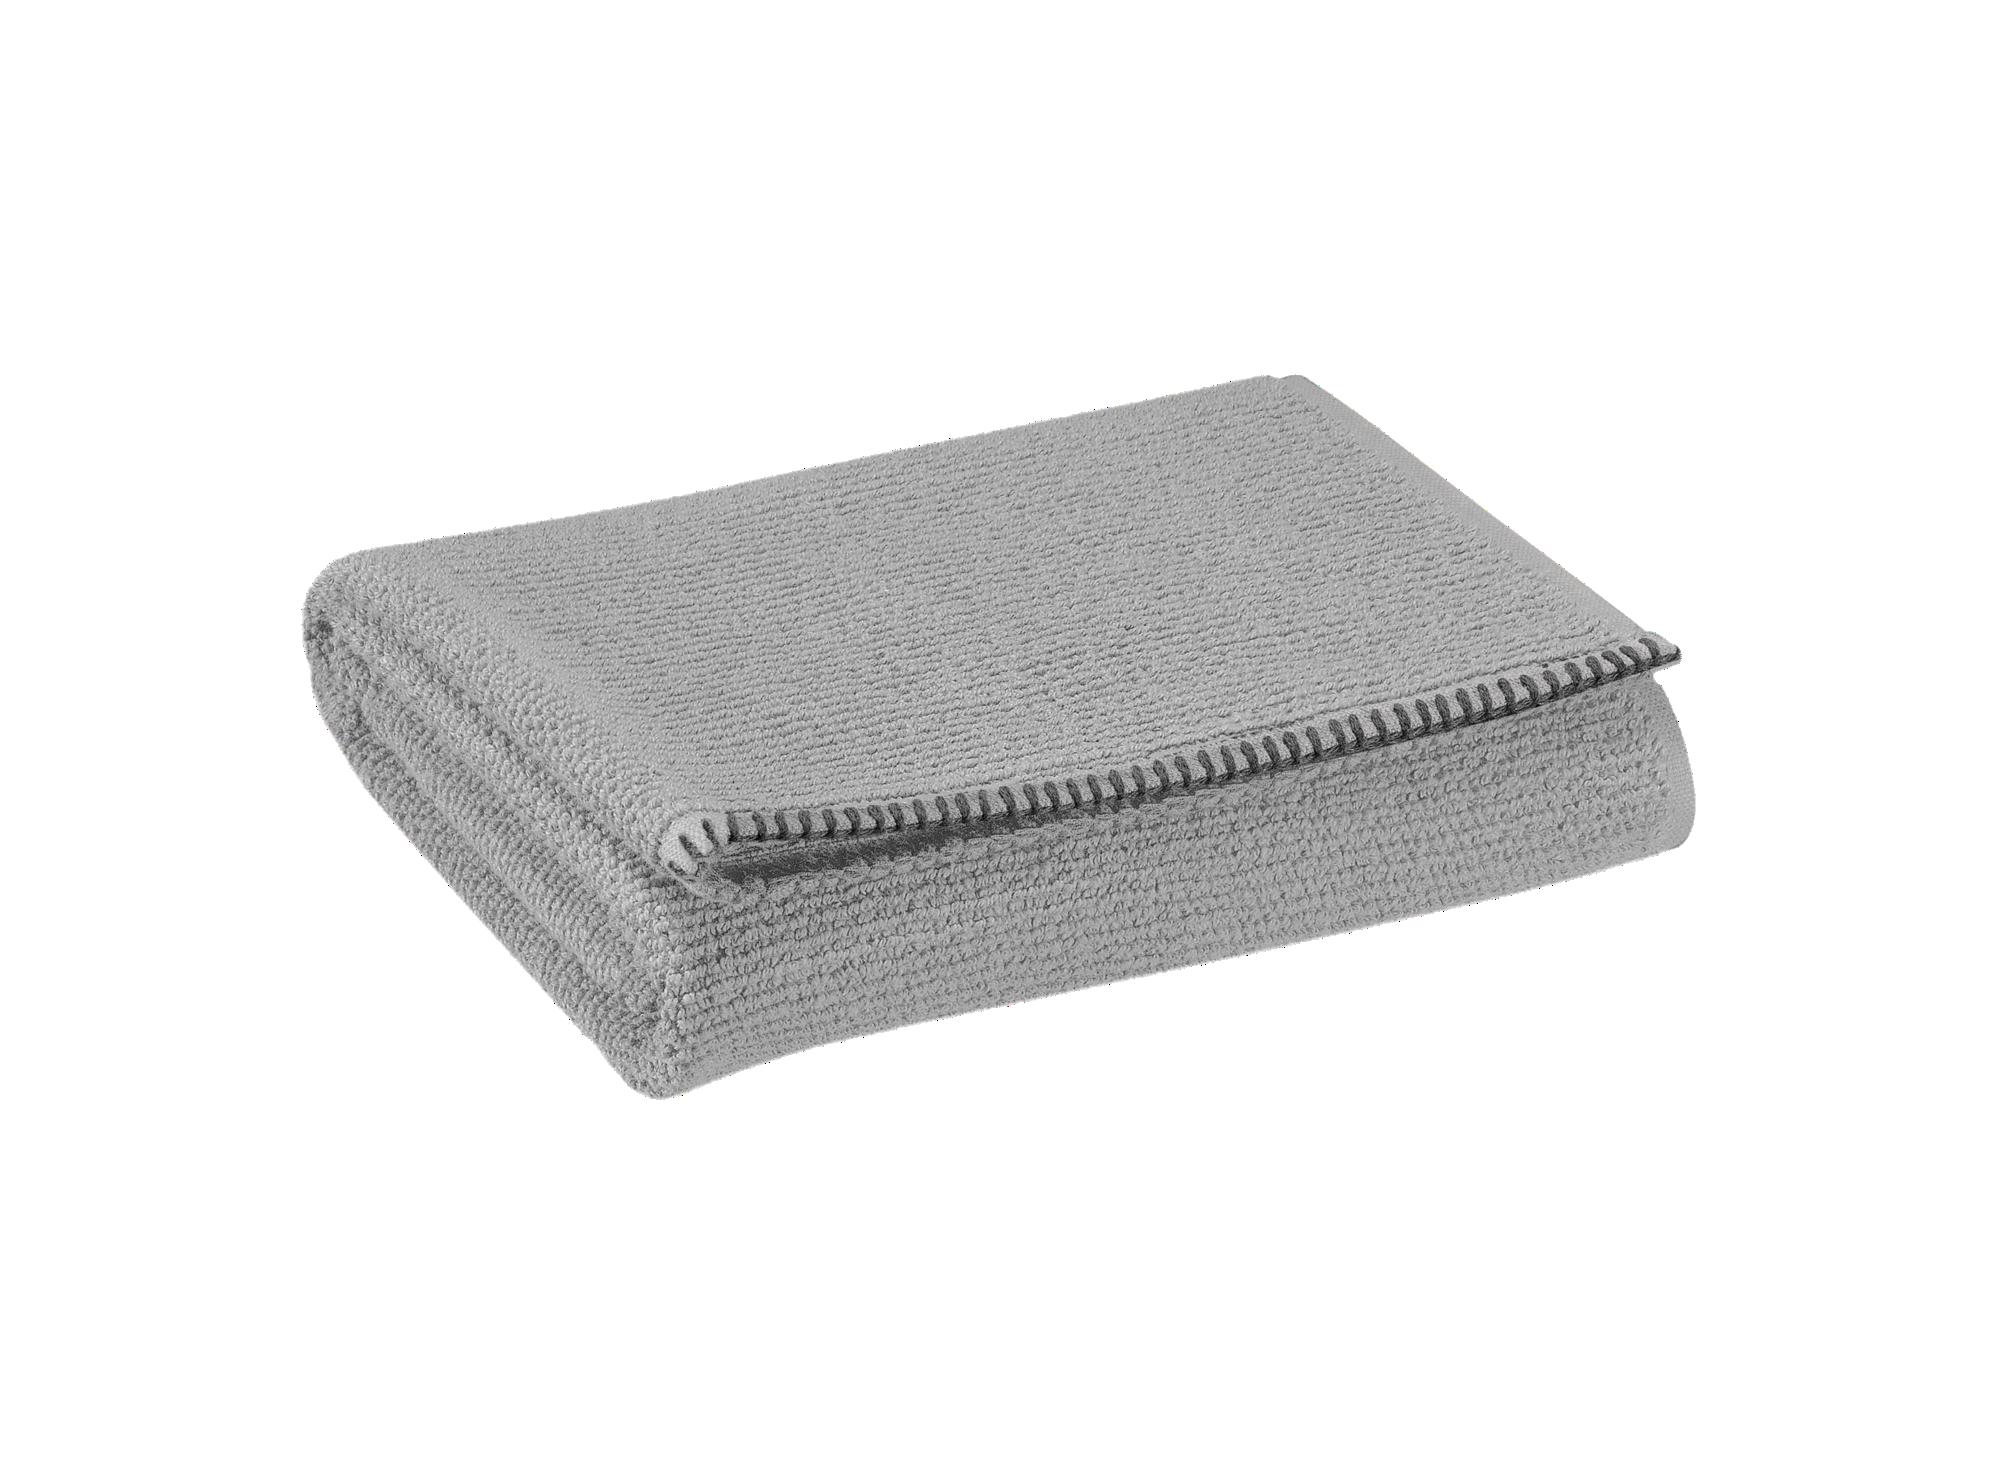 Serviette 70x130 100% coton coloris gris densite 500gr/m2  lavable en ...